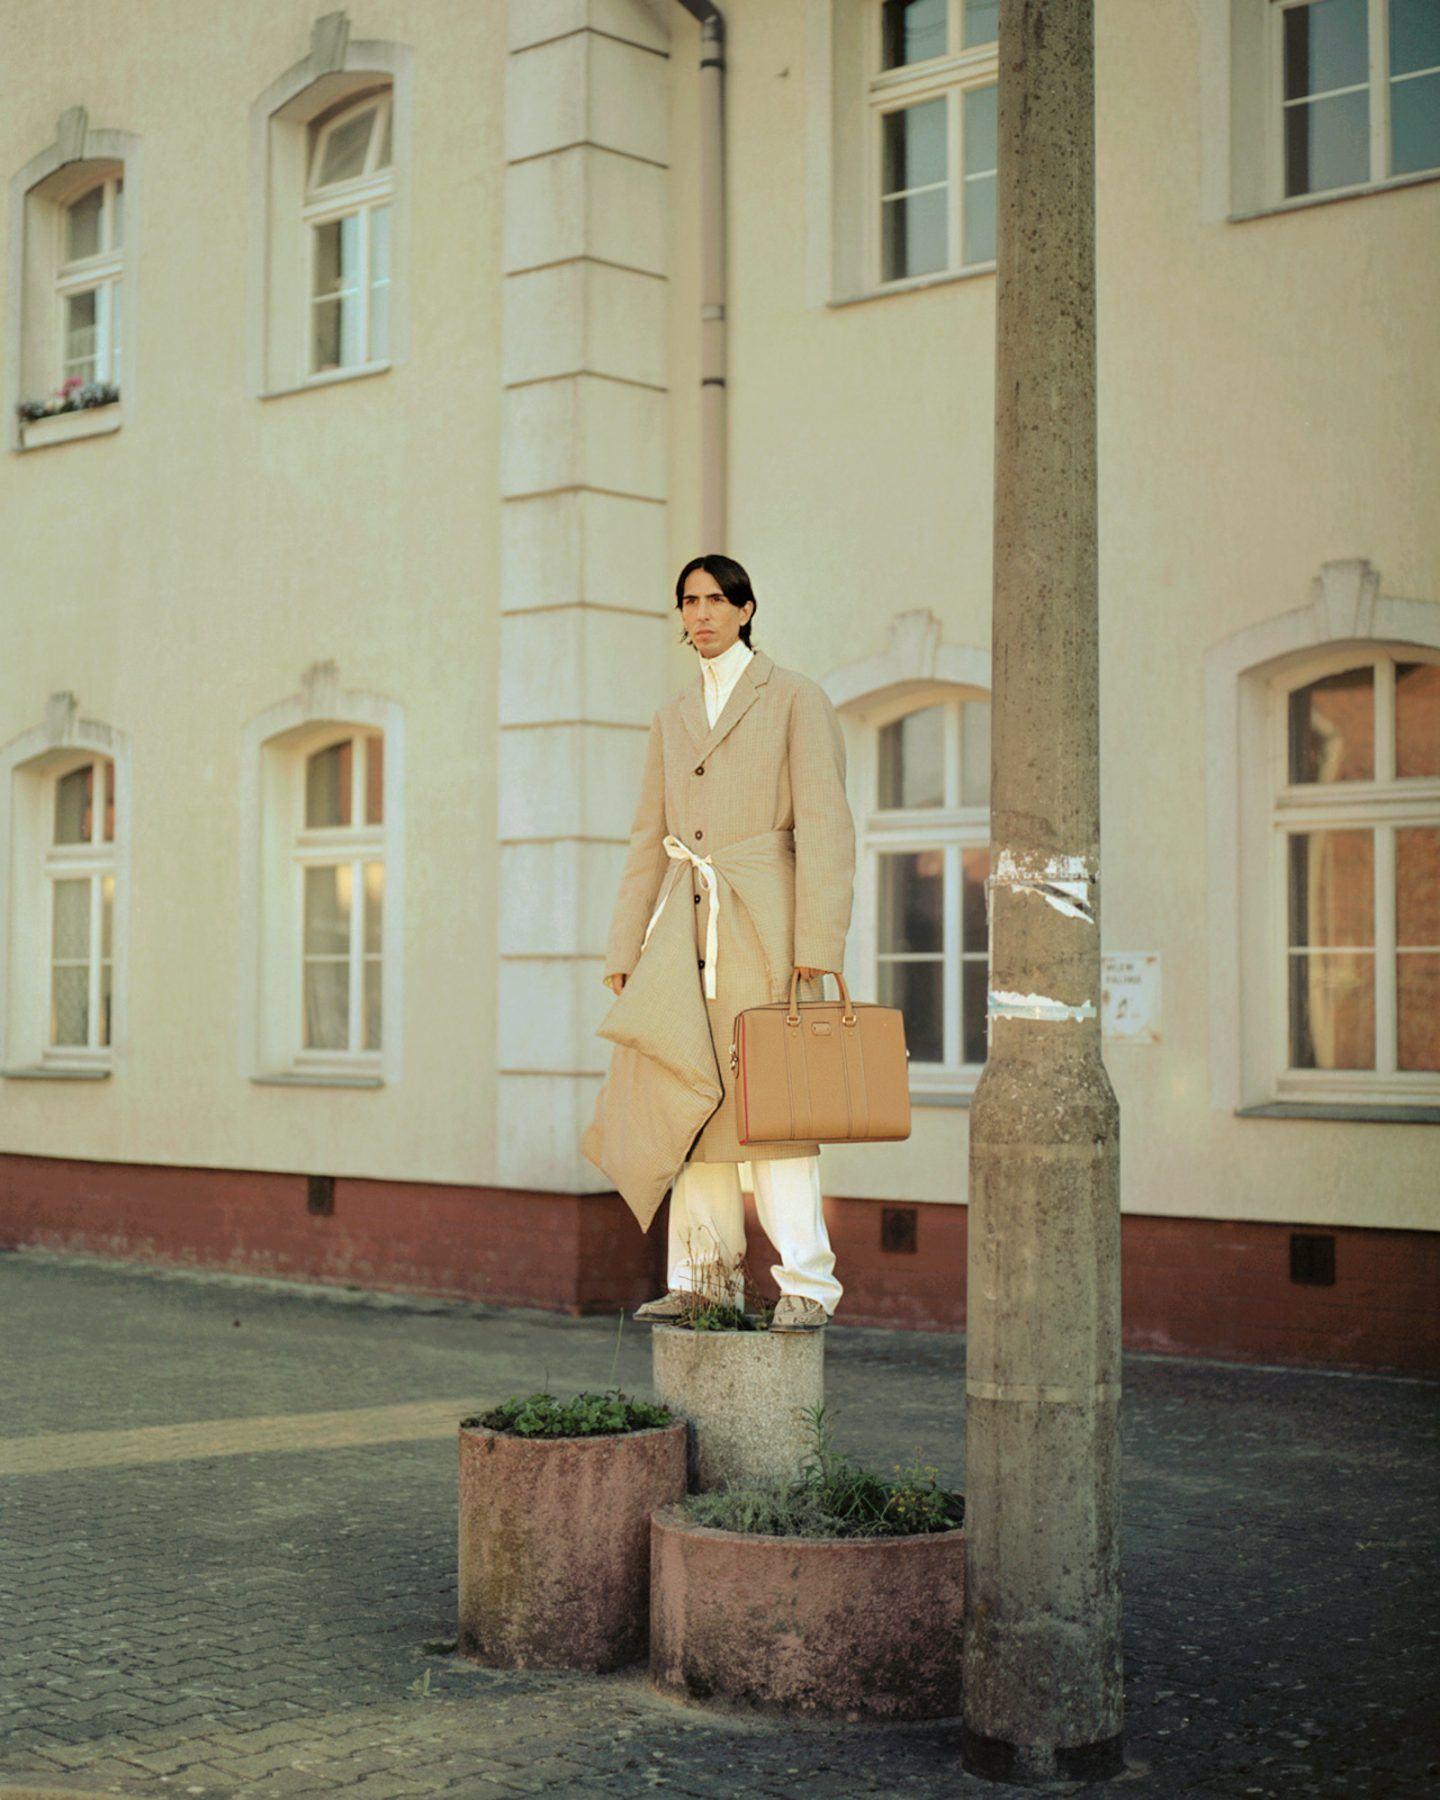 (c) Nina Raasch for IGNANT